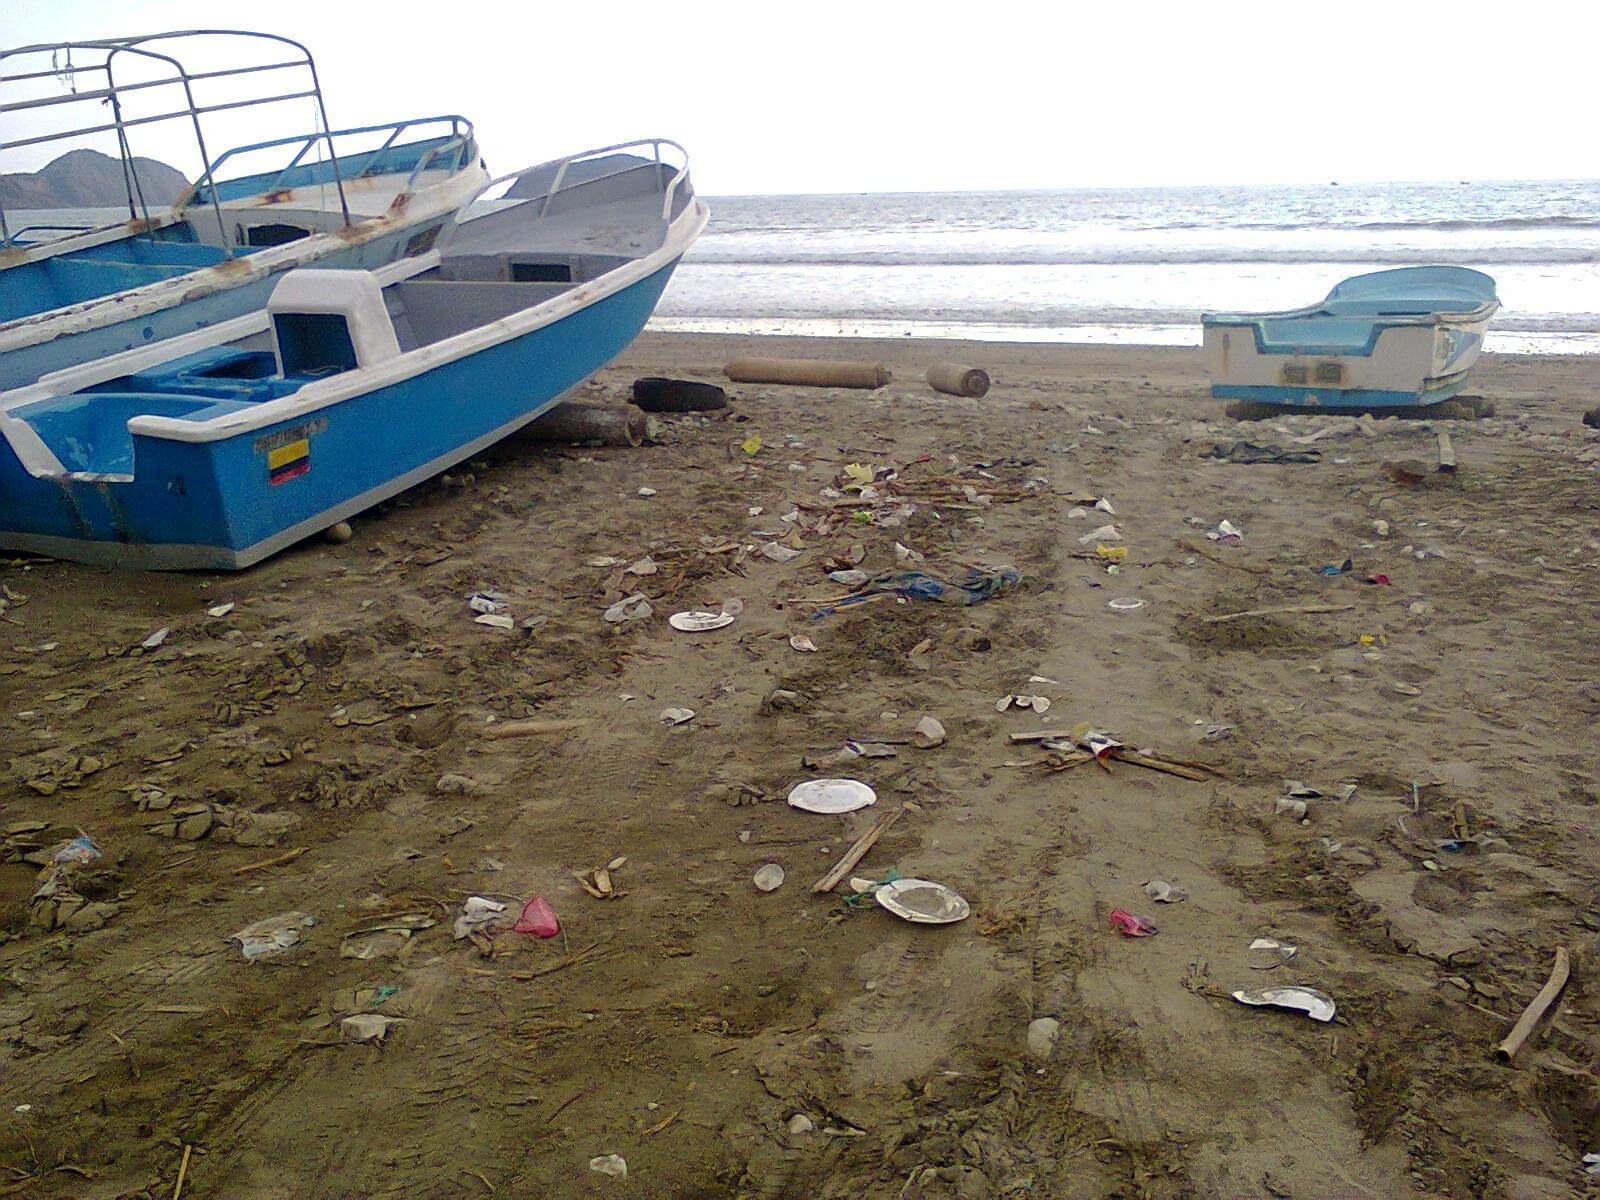 Basura urbana arrojada entre las pangas de pescadores